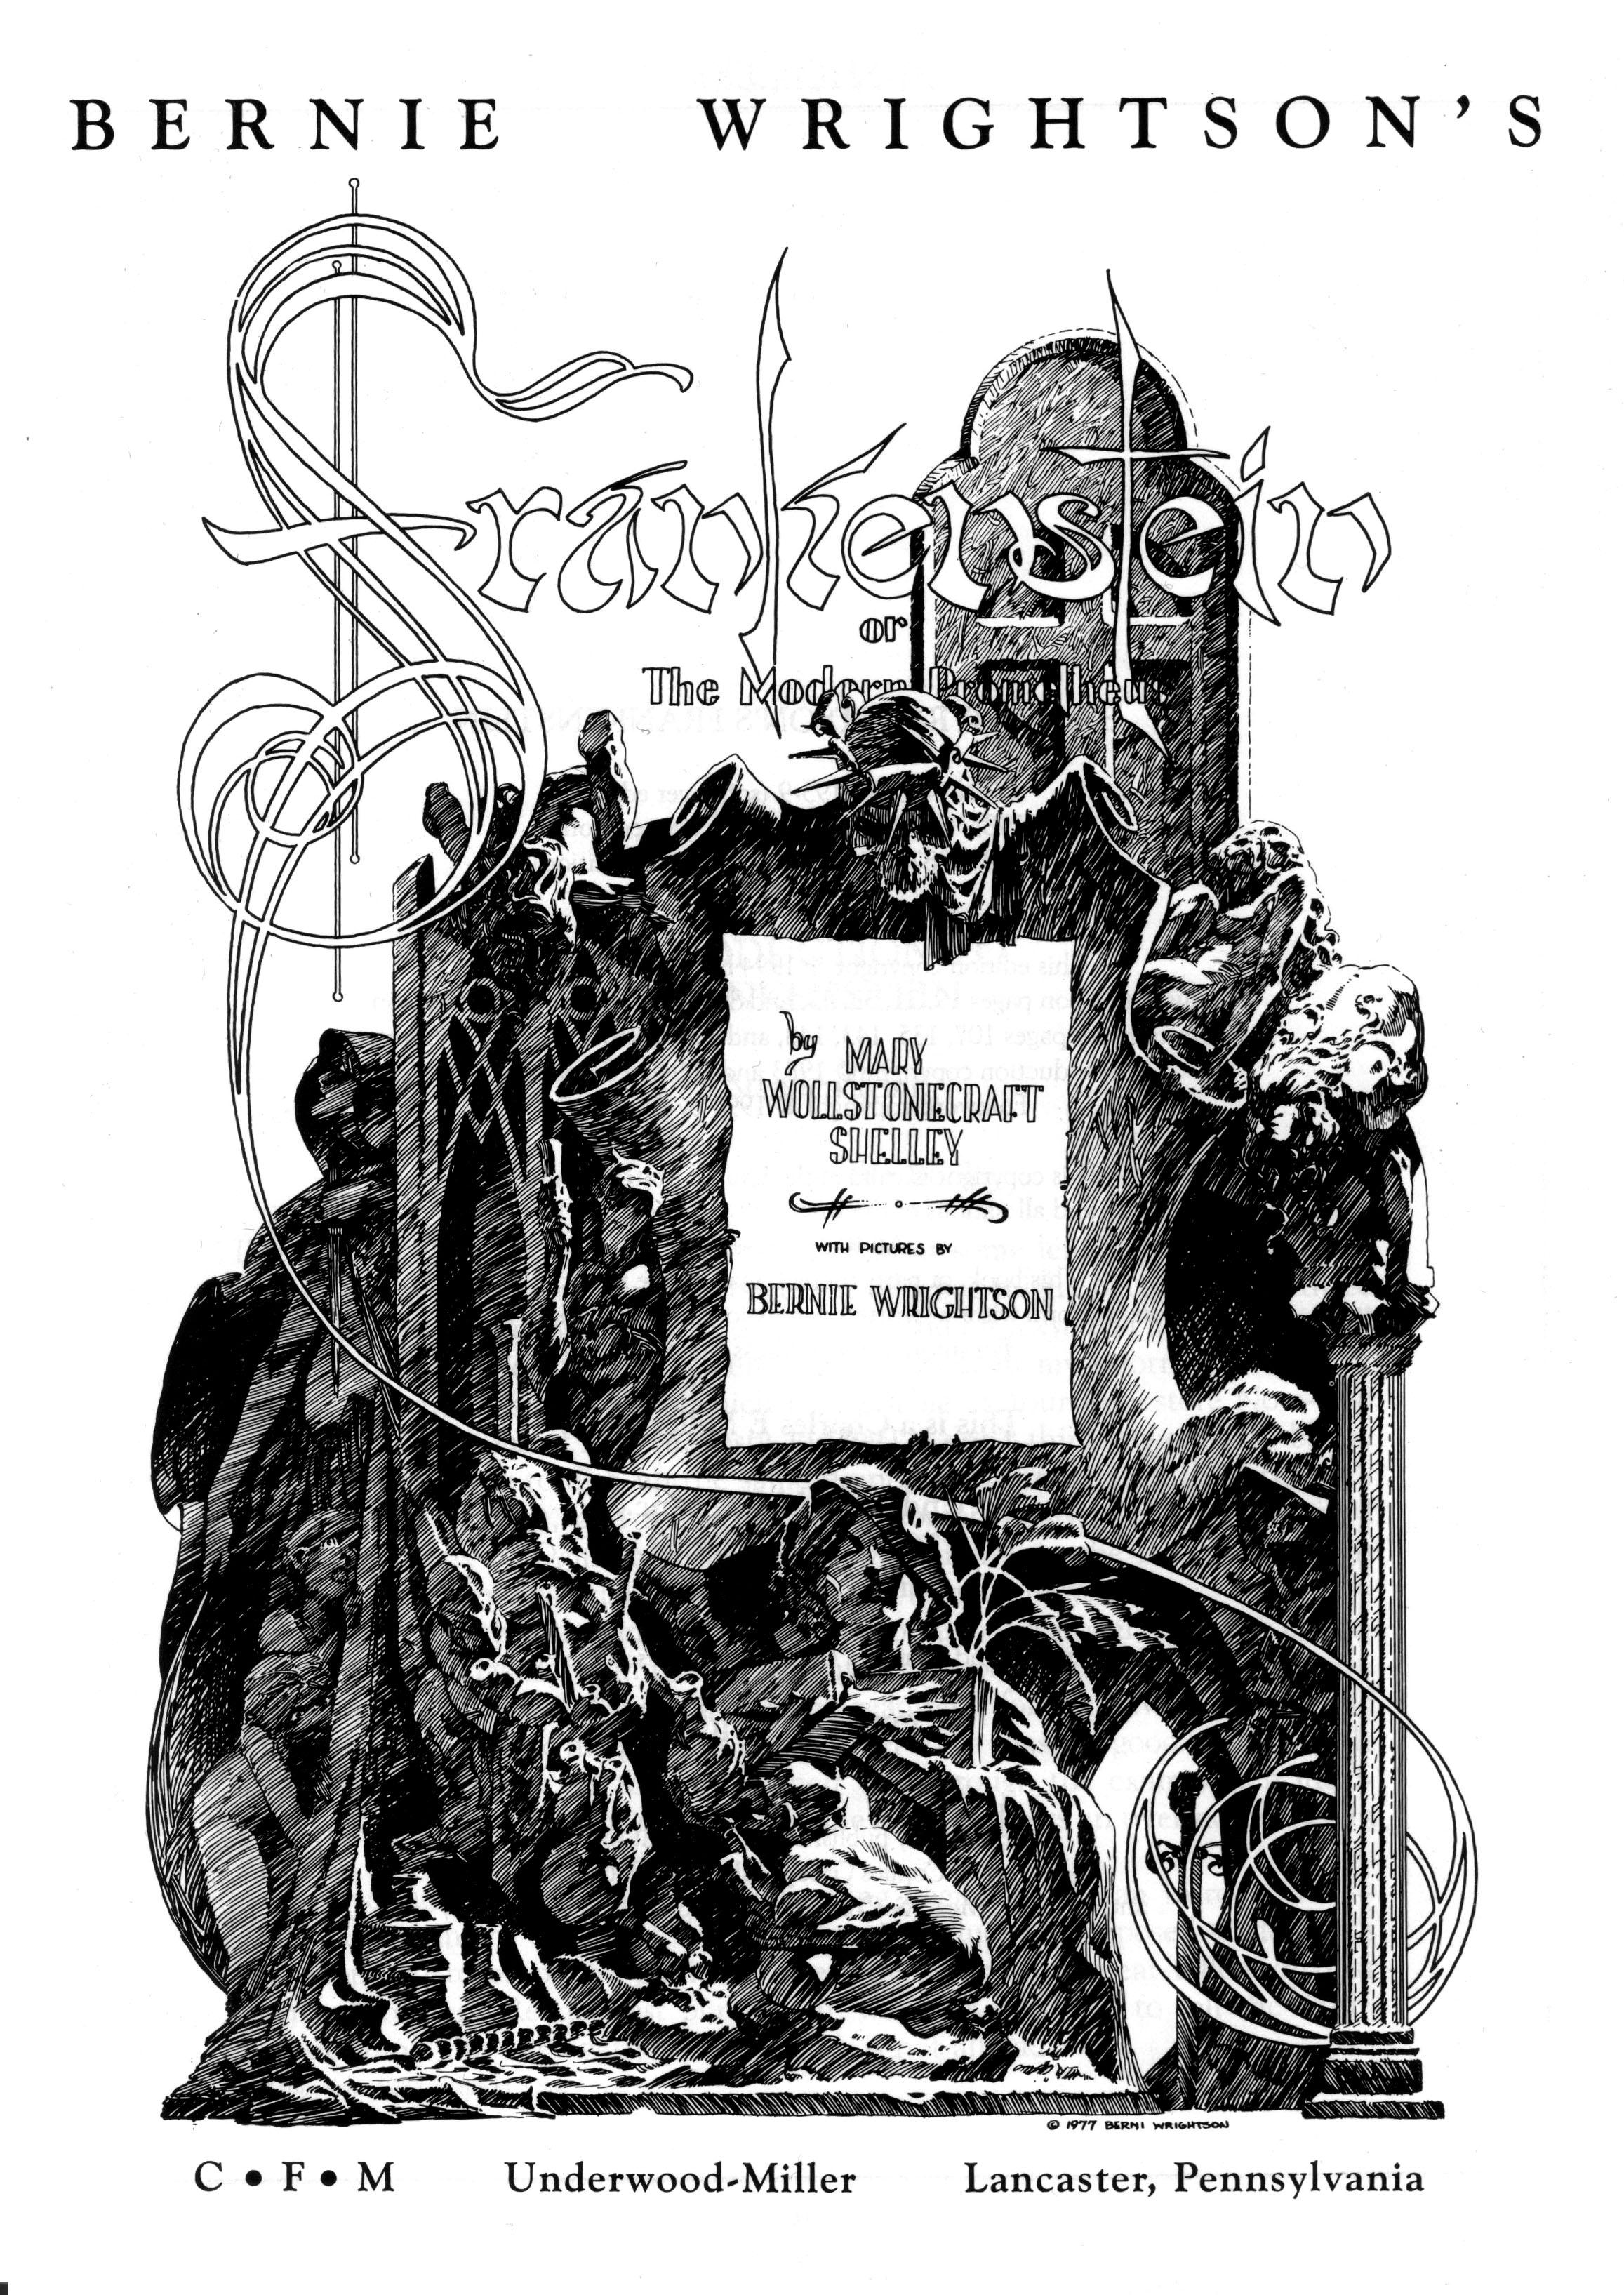 Read online Bernie Wrightson's Frankenstein comic -  Issue # Full - 2